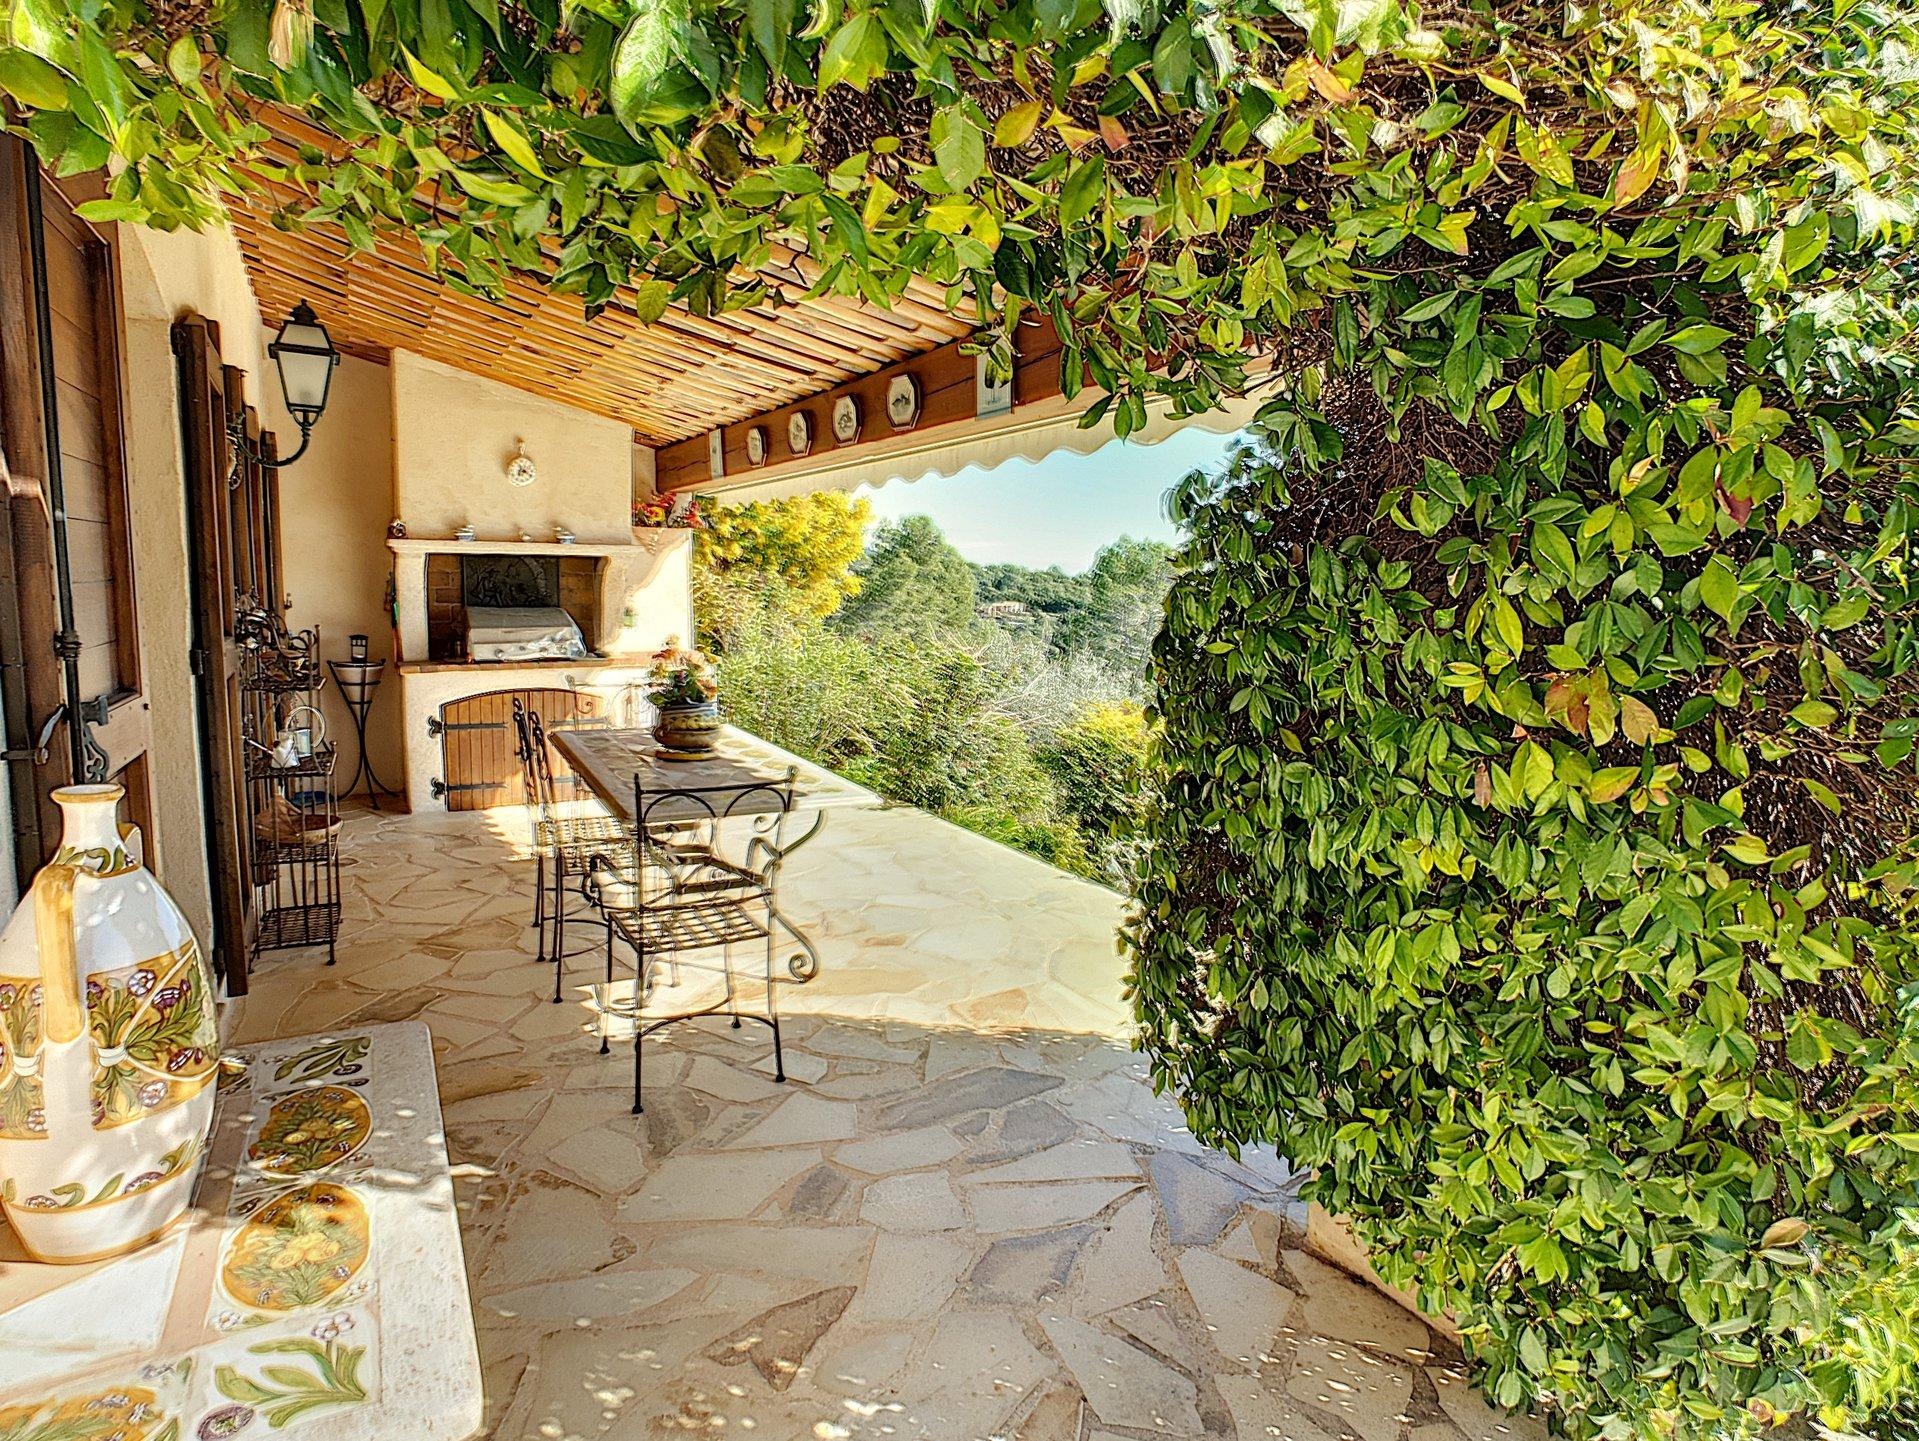 Achat/vente villa 6P + dépendance, vue panoramique, Le Tignet